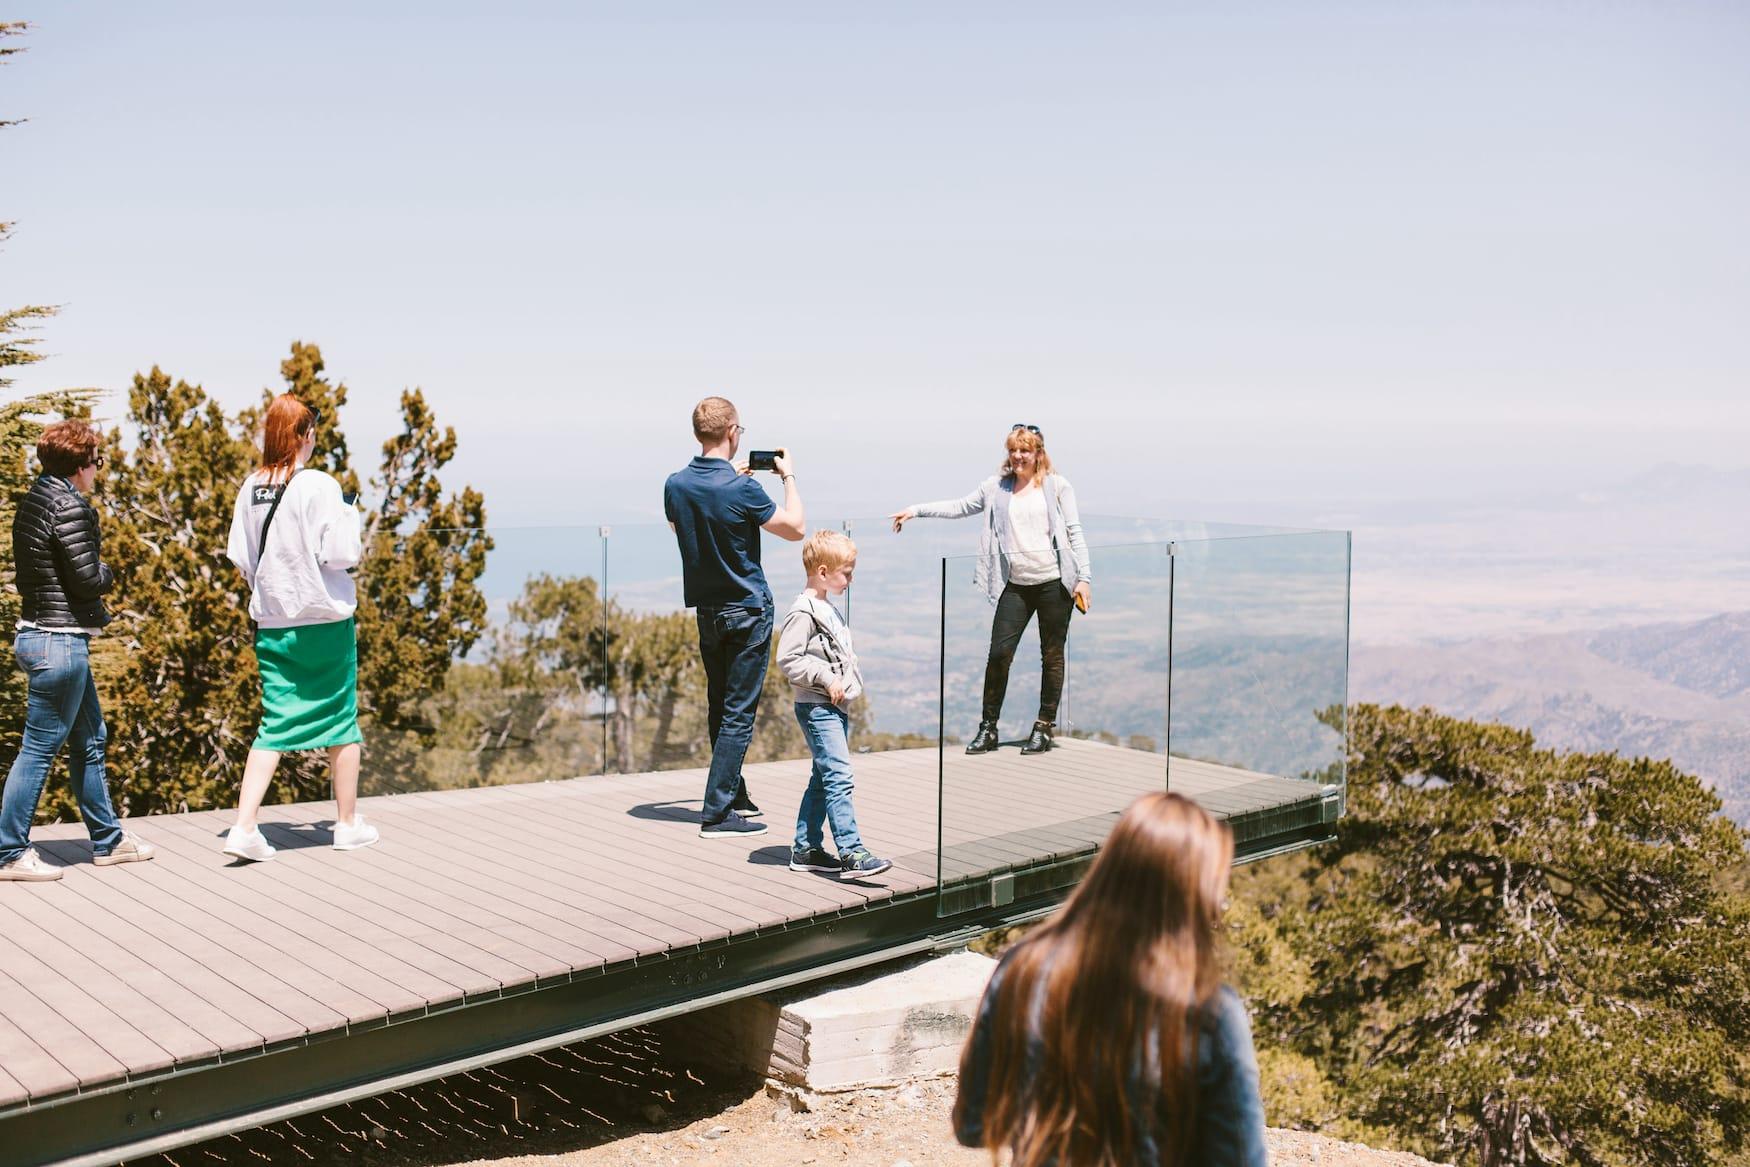 Menschen stehen auf Aussichtsplattform om Troodos Nationalpark auf Zypern und machen Fotos